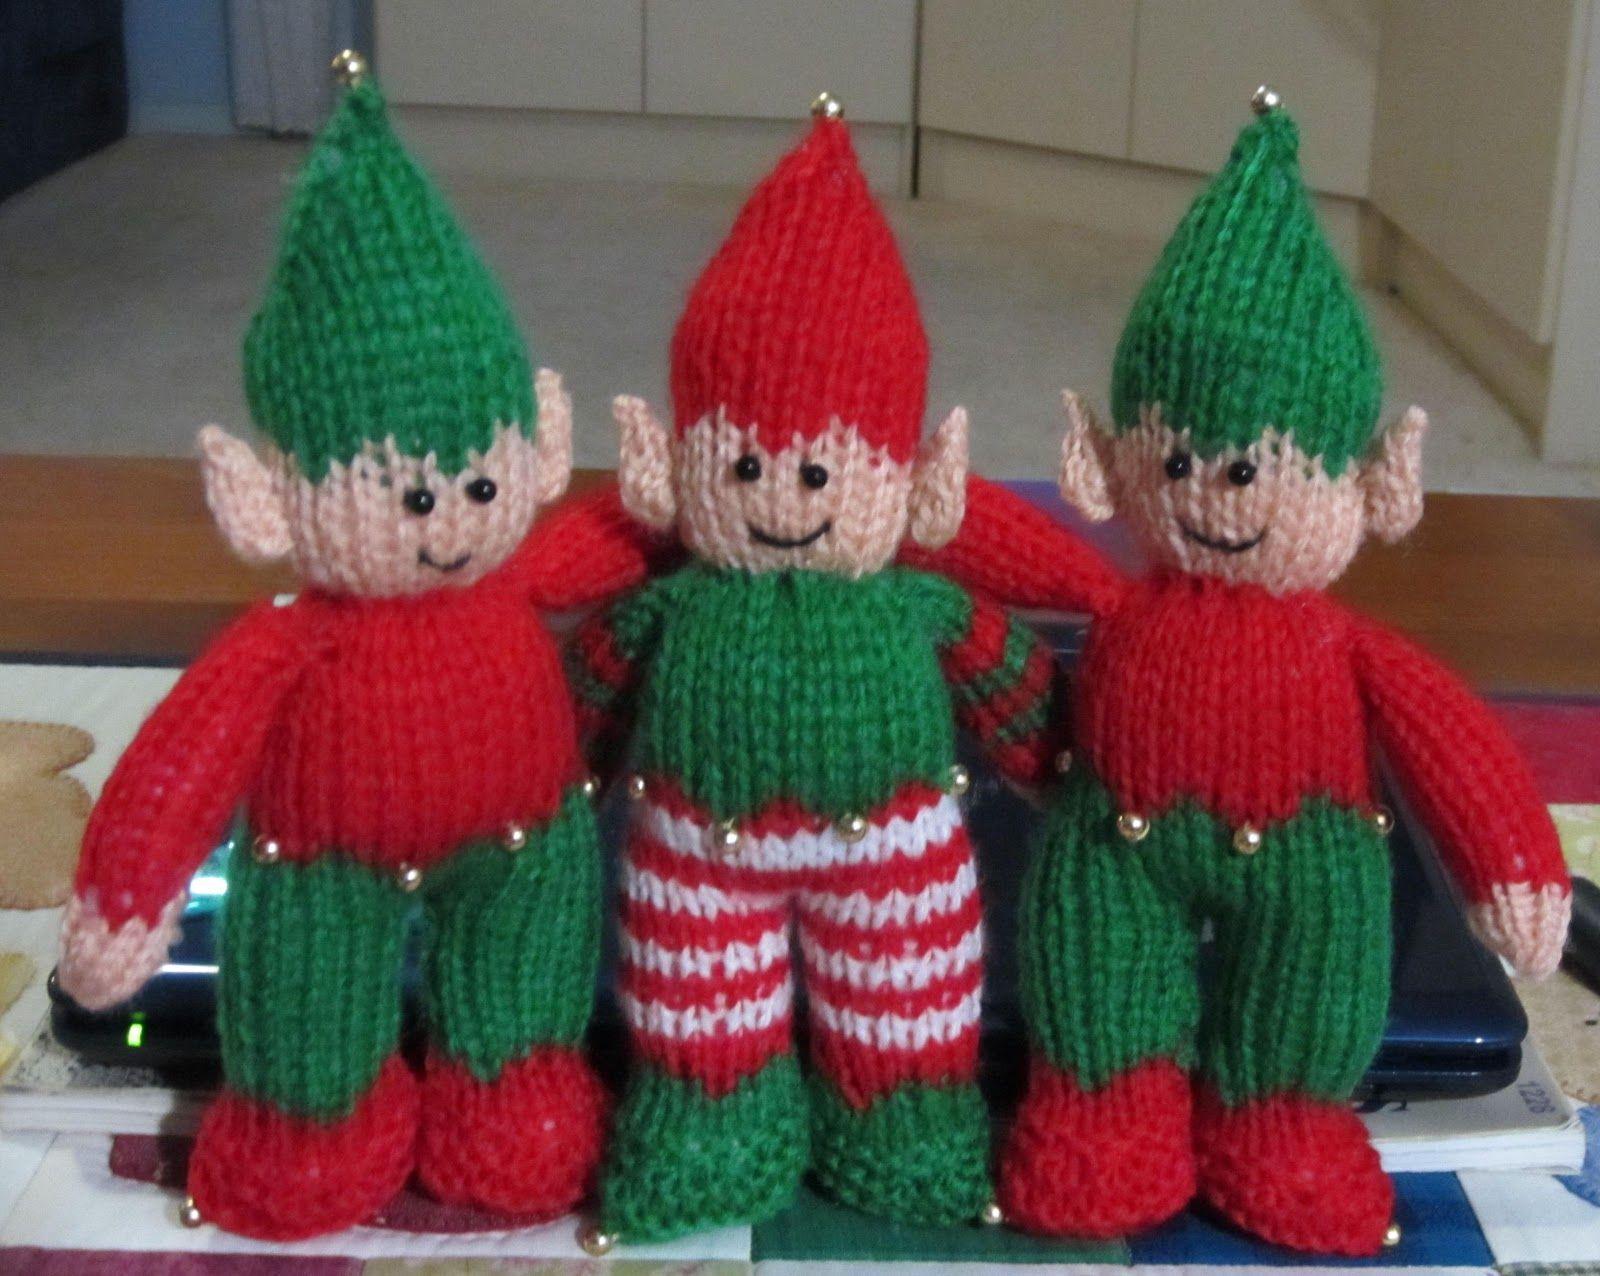 Knitting Pattern For Xmas Elf : Knitted Christmas Elves Christmas crochet Pinterest ...